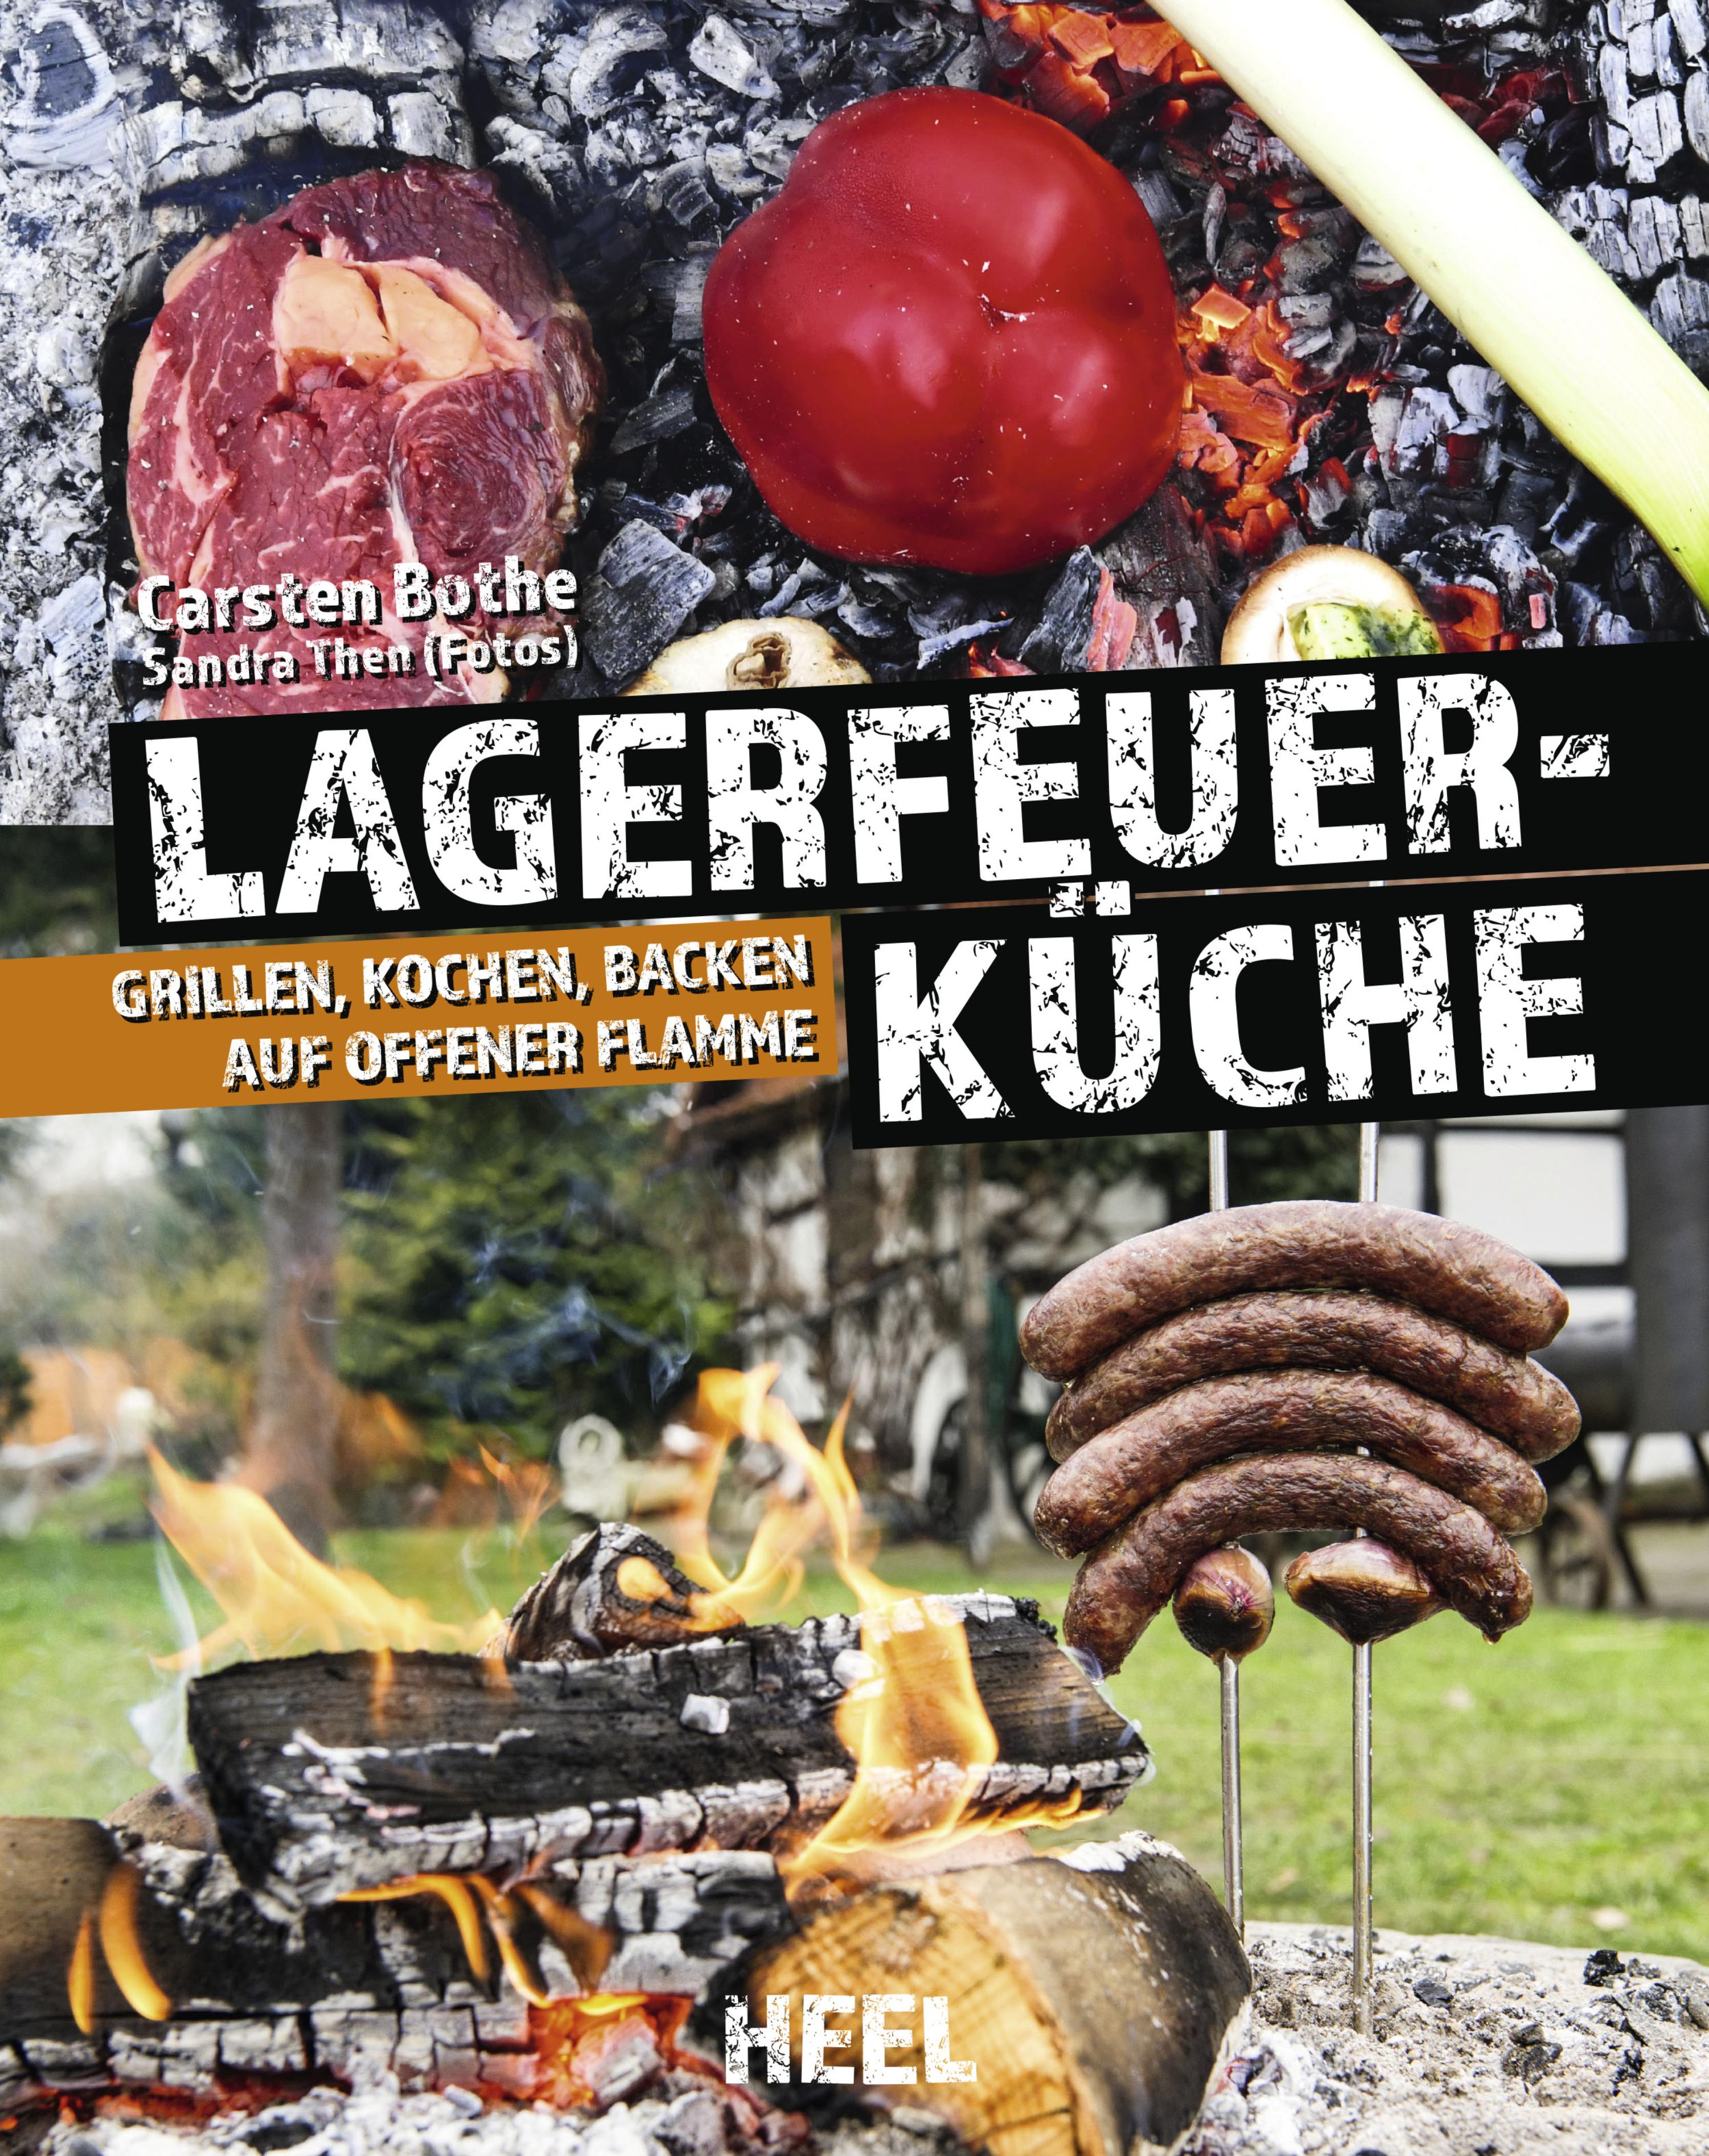 Carsten Bothe Faszination Lagerfeuer-Küche